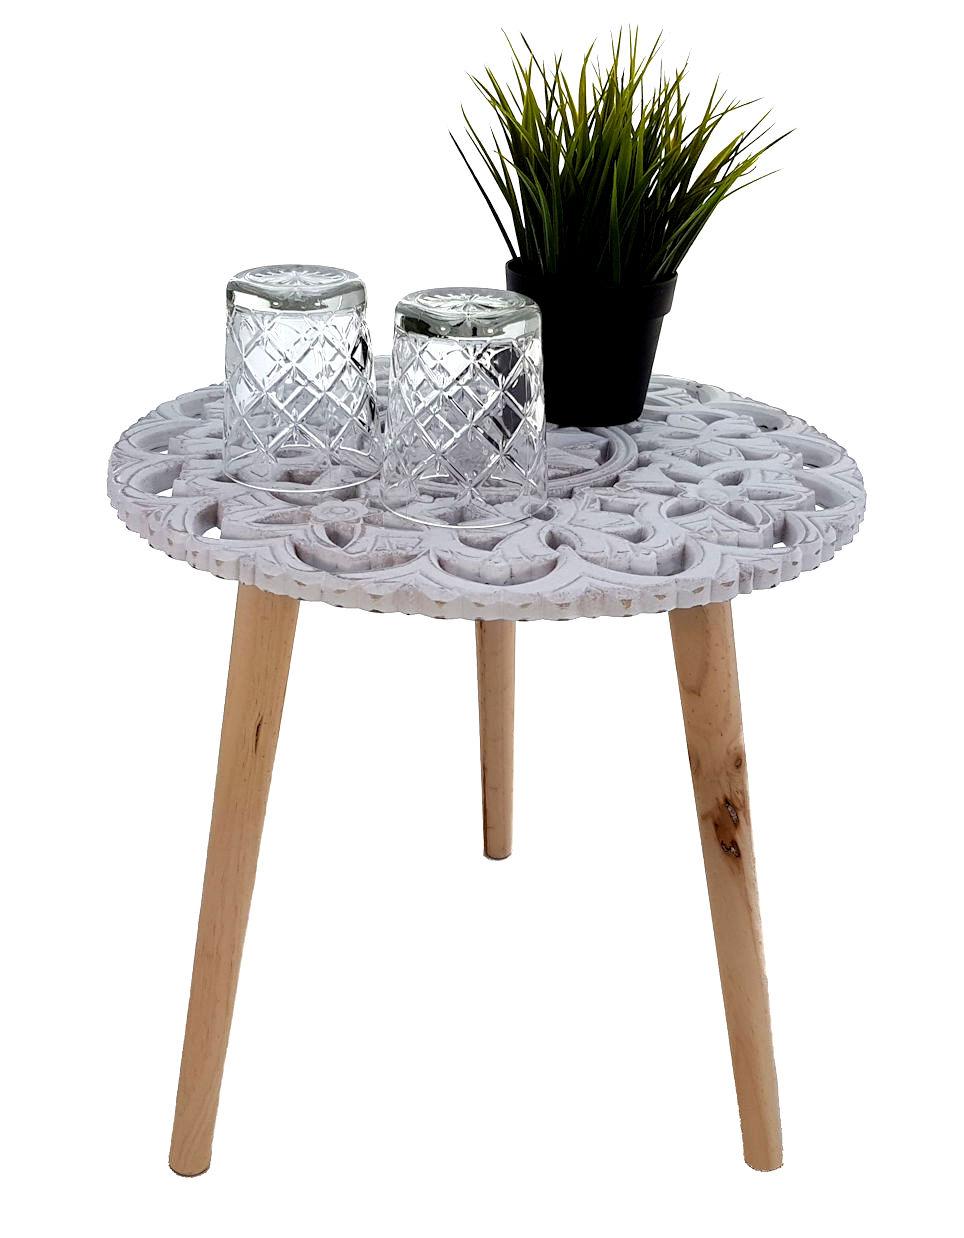 Design beistelltisch shabby chic holz deko tisch klein for Couchtisch klein holz